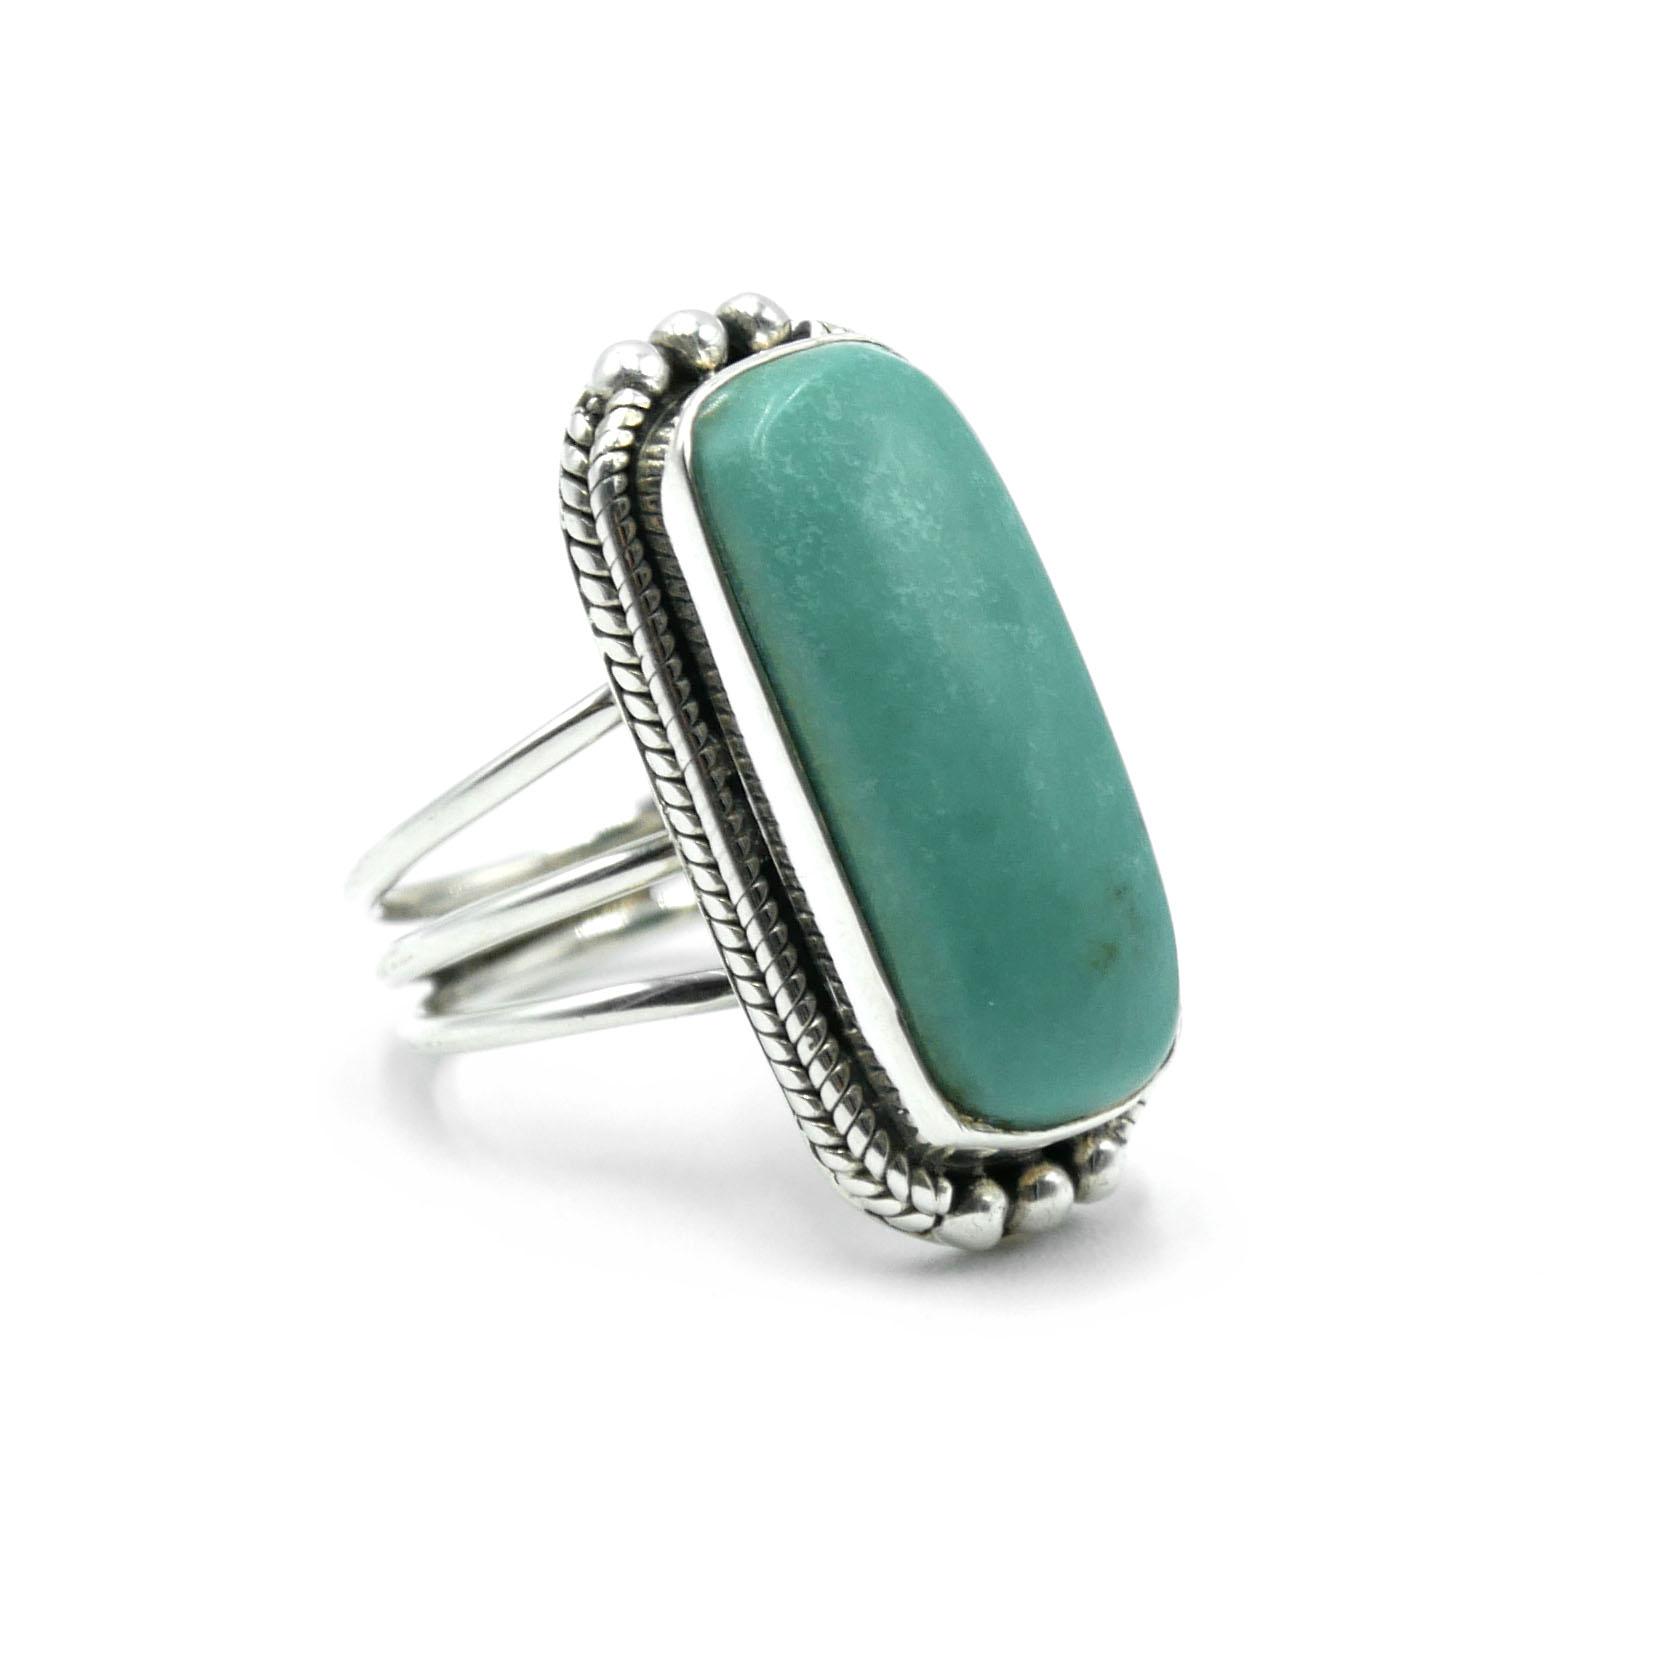 Bague en Argent - Turquoise Image